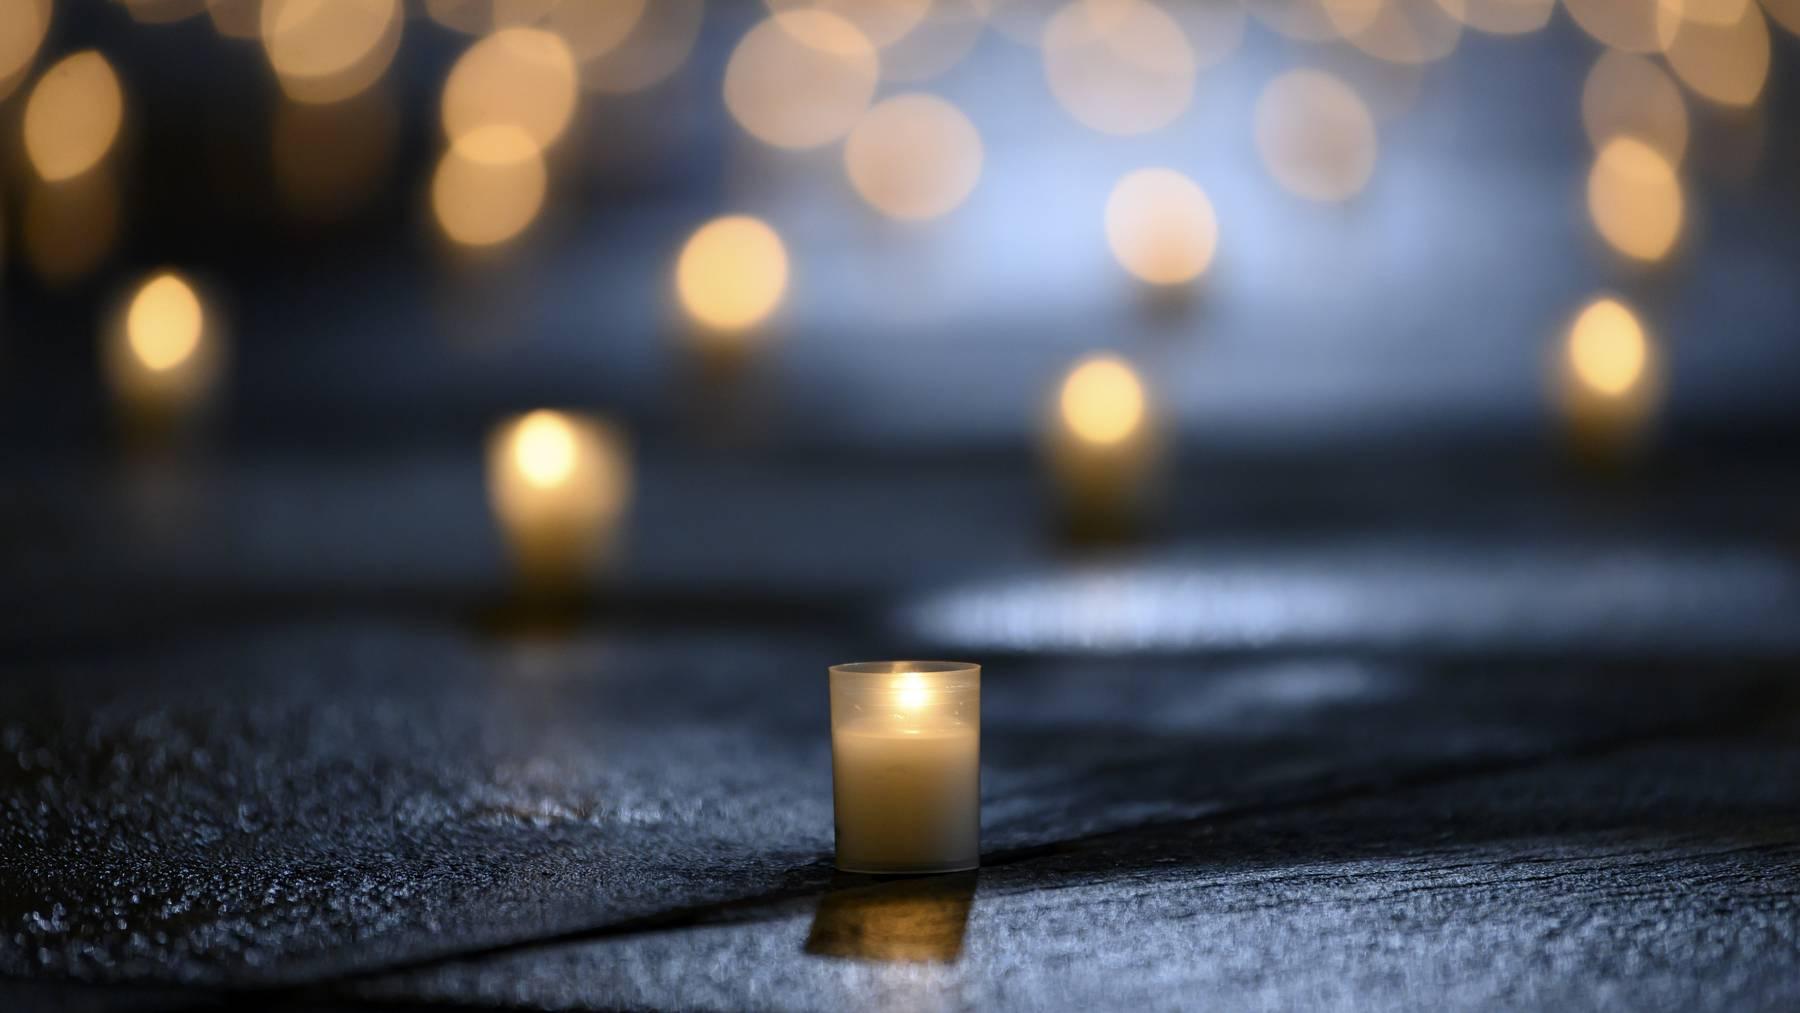 Erneut sind in den letzten 24 Stunden 92 Menschen in Zusammenhang mit einer Coronainfektion gestorben. Im Bild: Kerzen auf dem Bundesplatz in Bern.